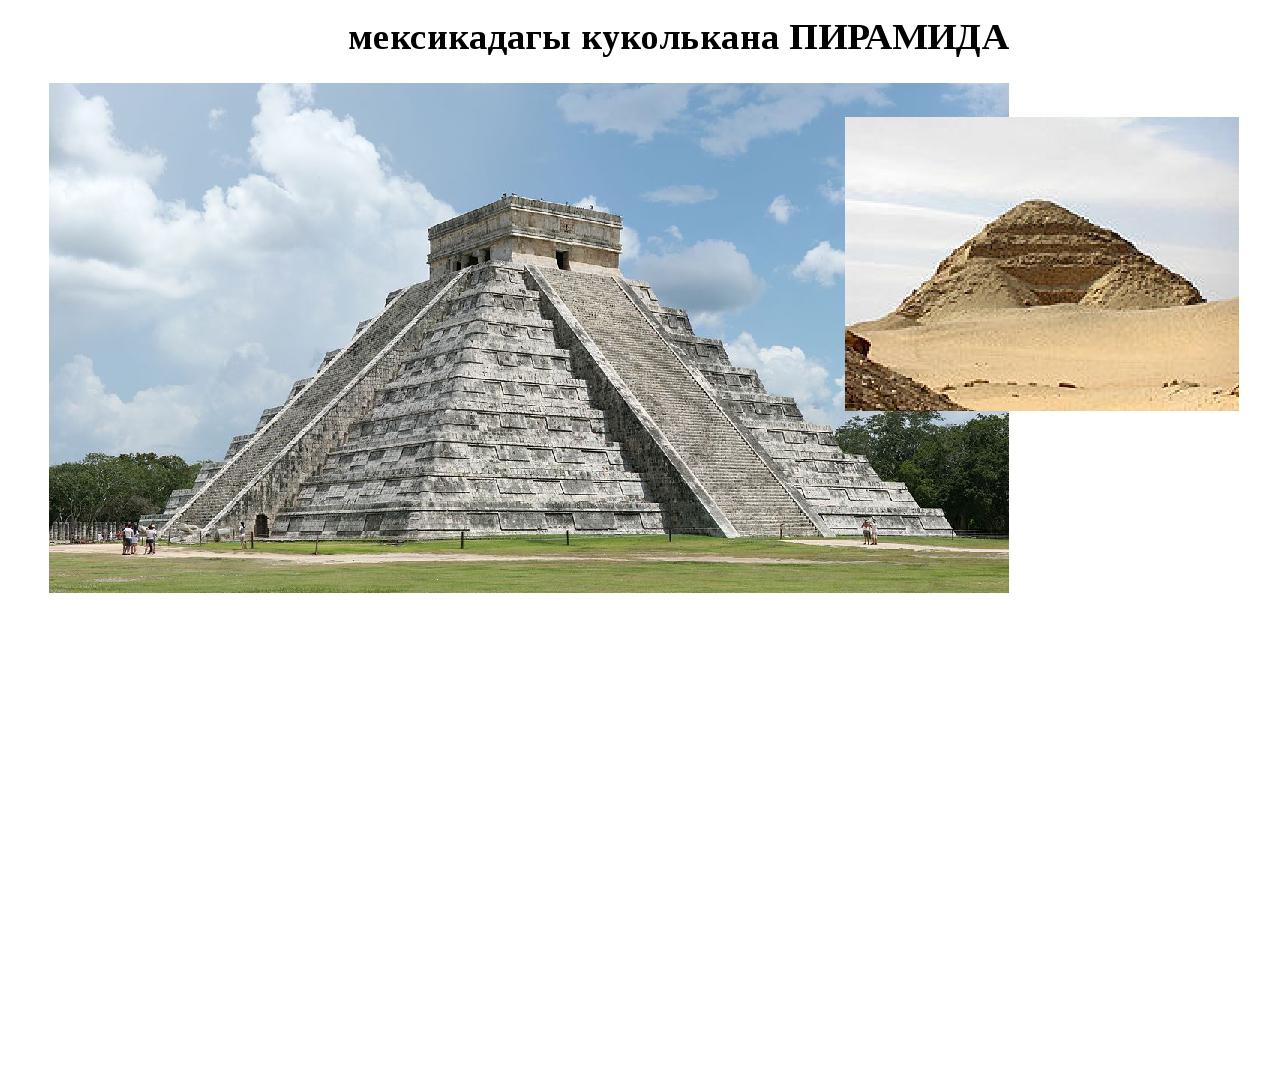 мексикадагы куколькана ПИРАМИДА